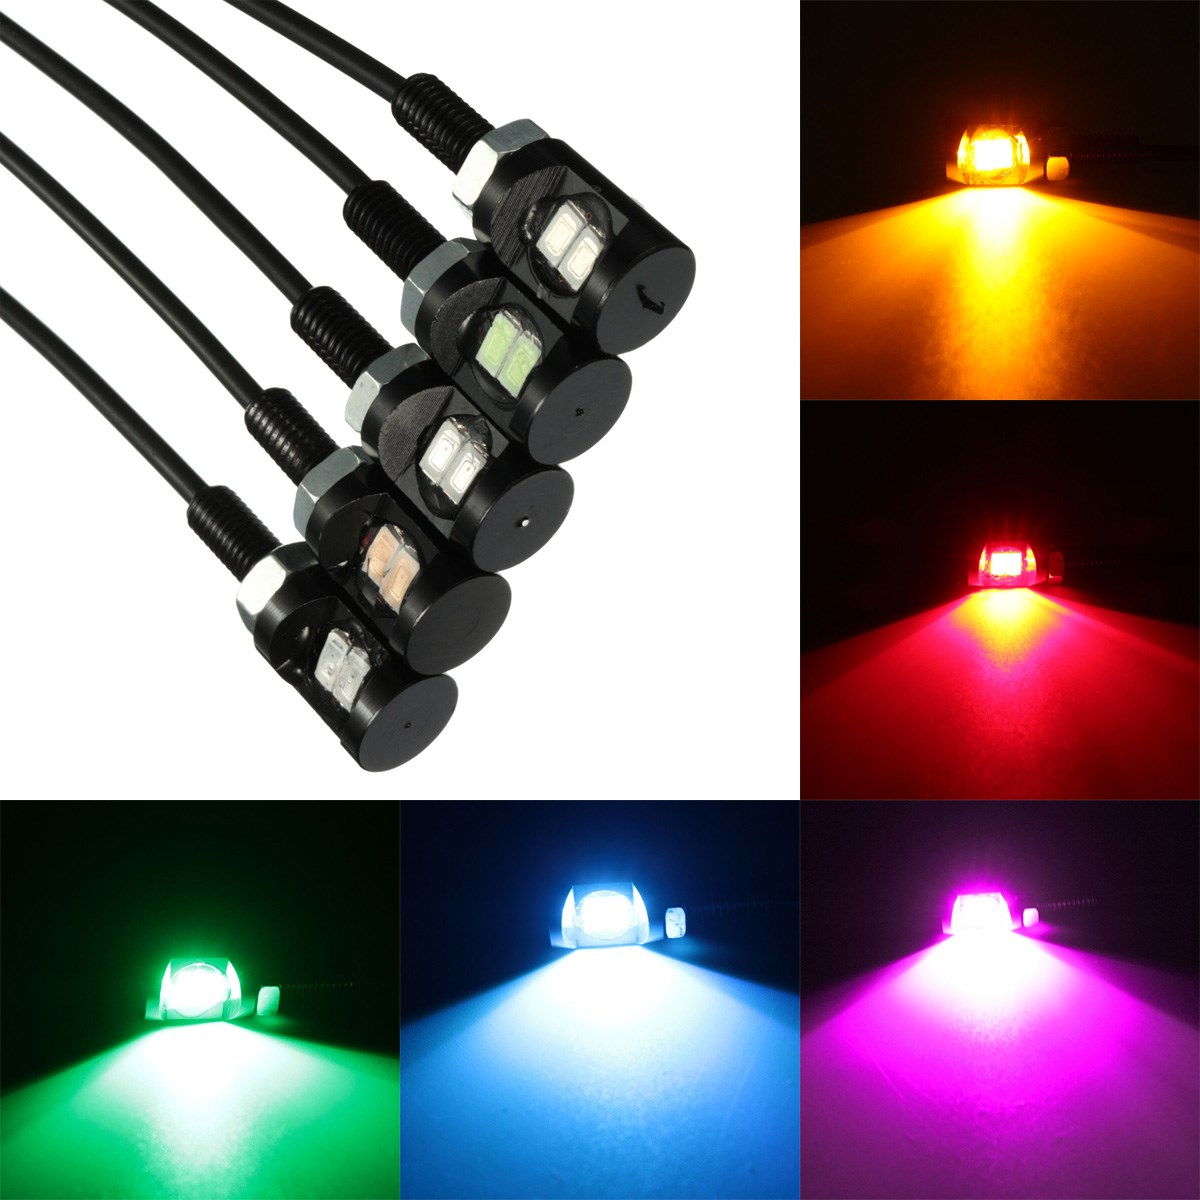 12V 2 LED SMD Motorcycle Car Number License Plate Screw Bolt Light Lamp Bulb